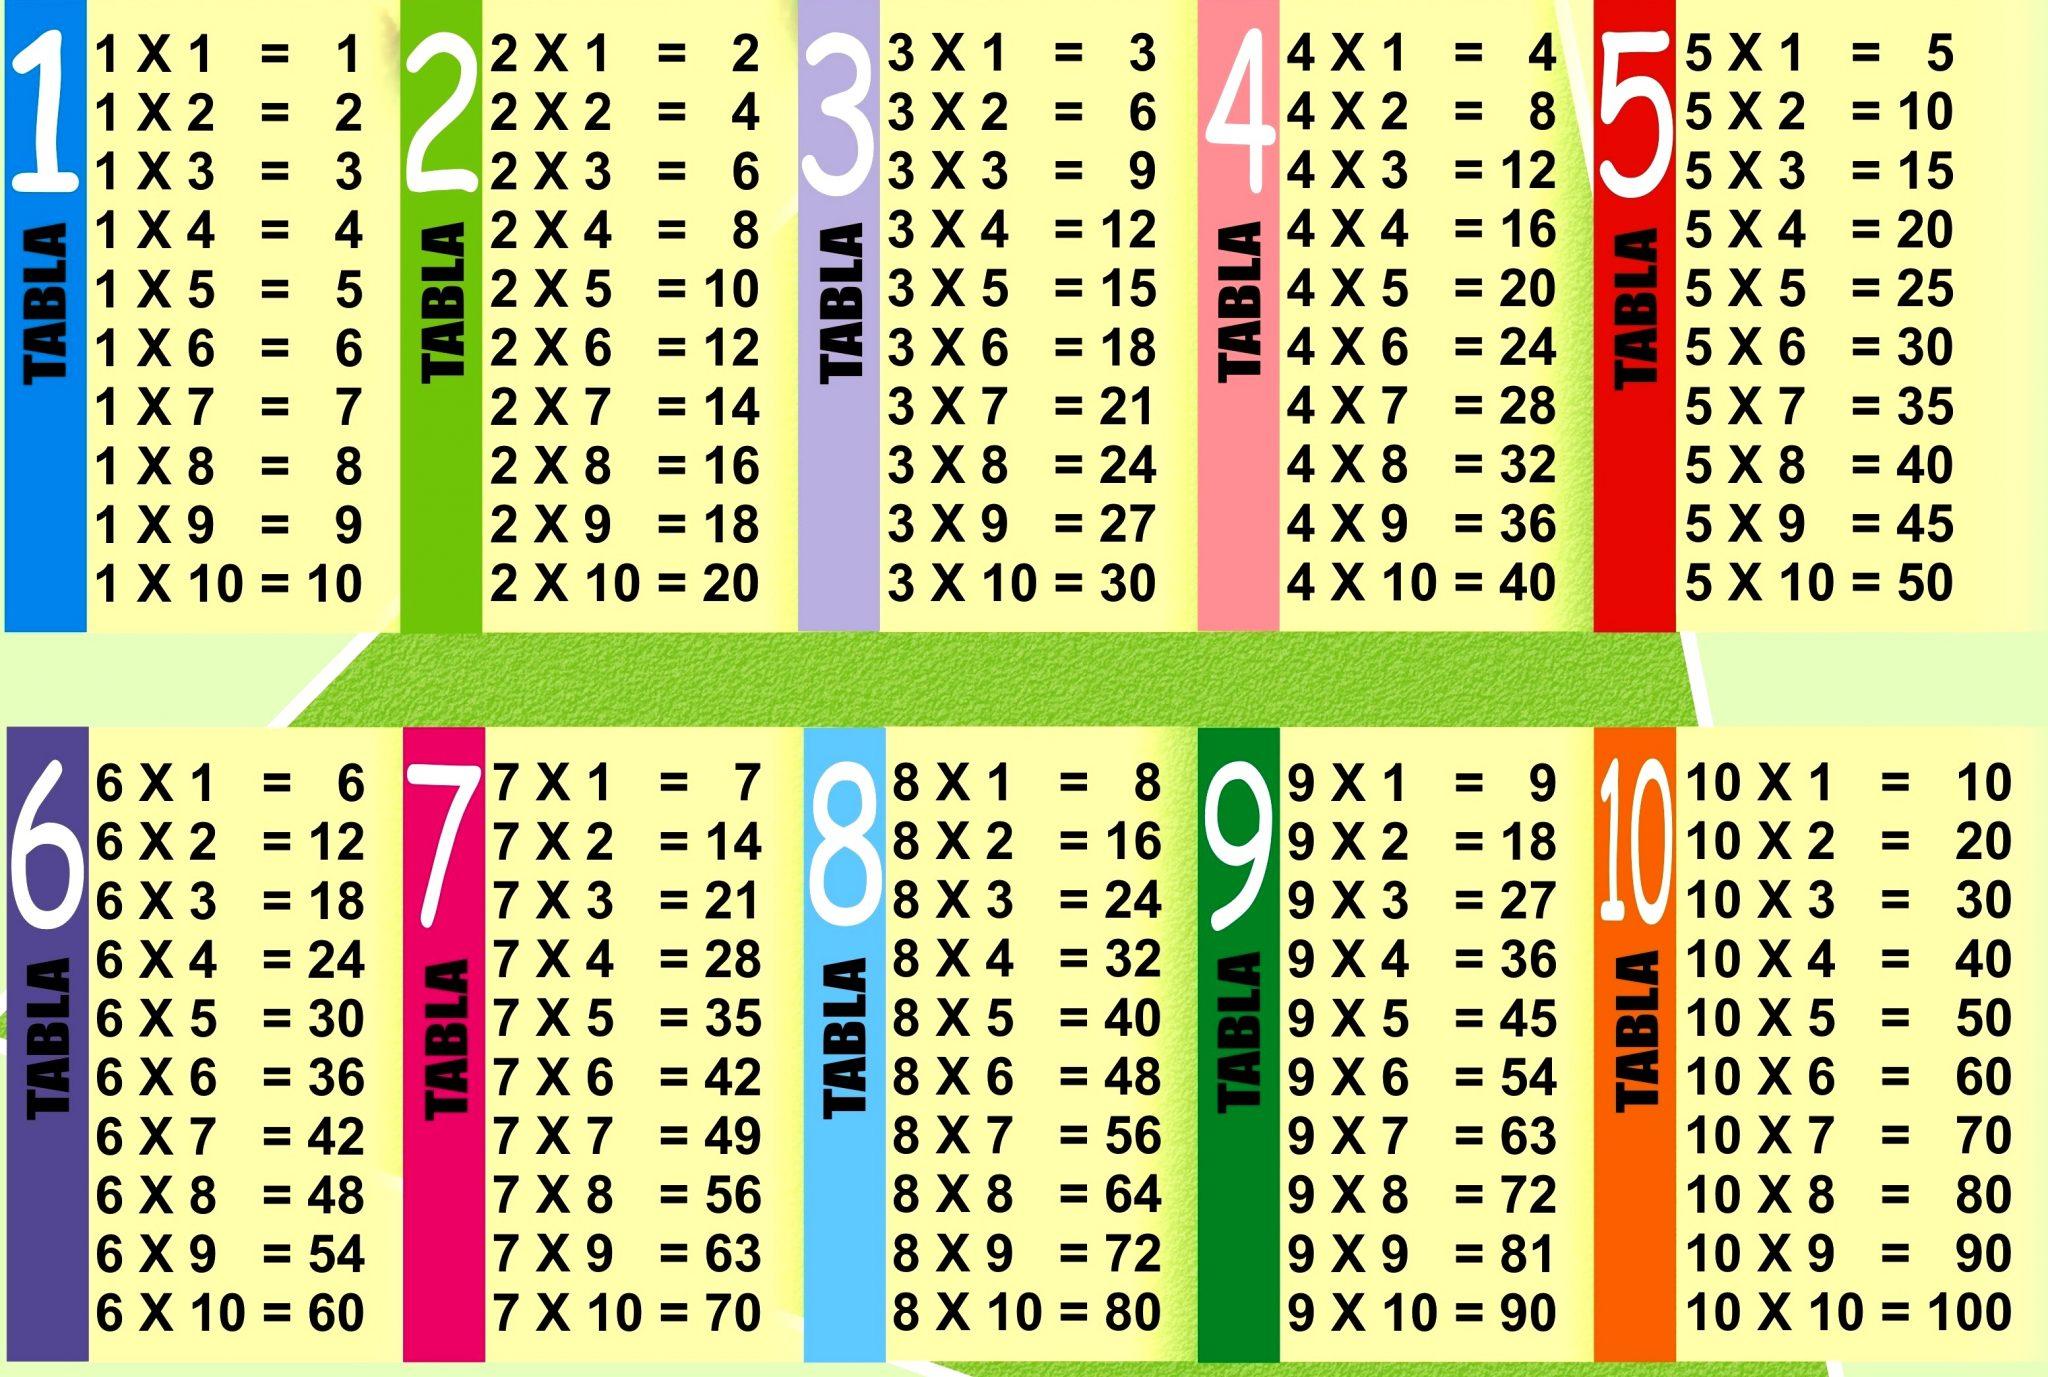 Multiplication table pdf